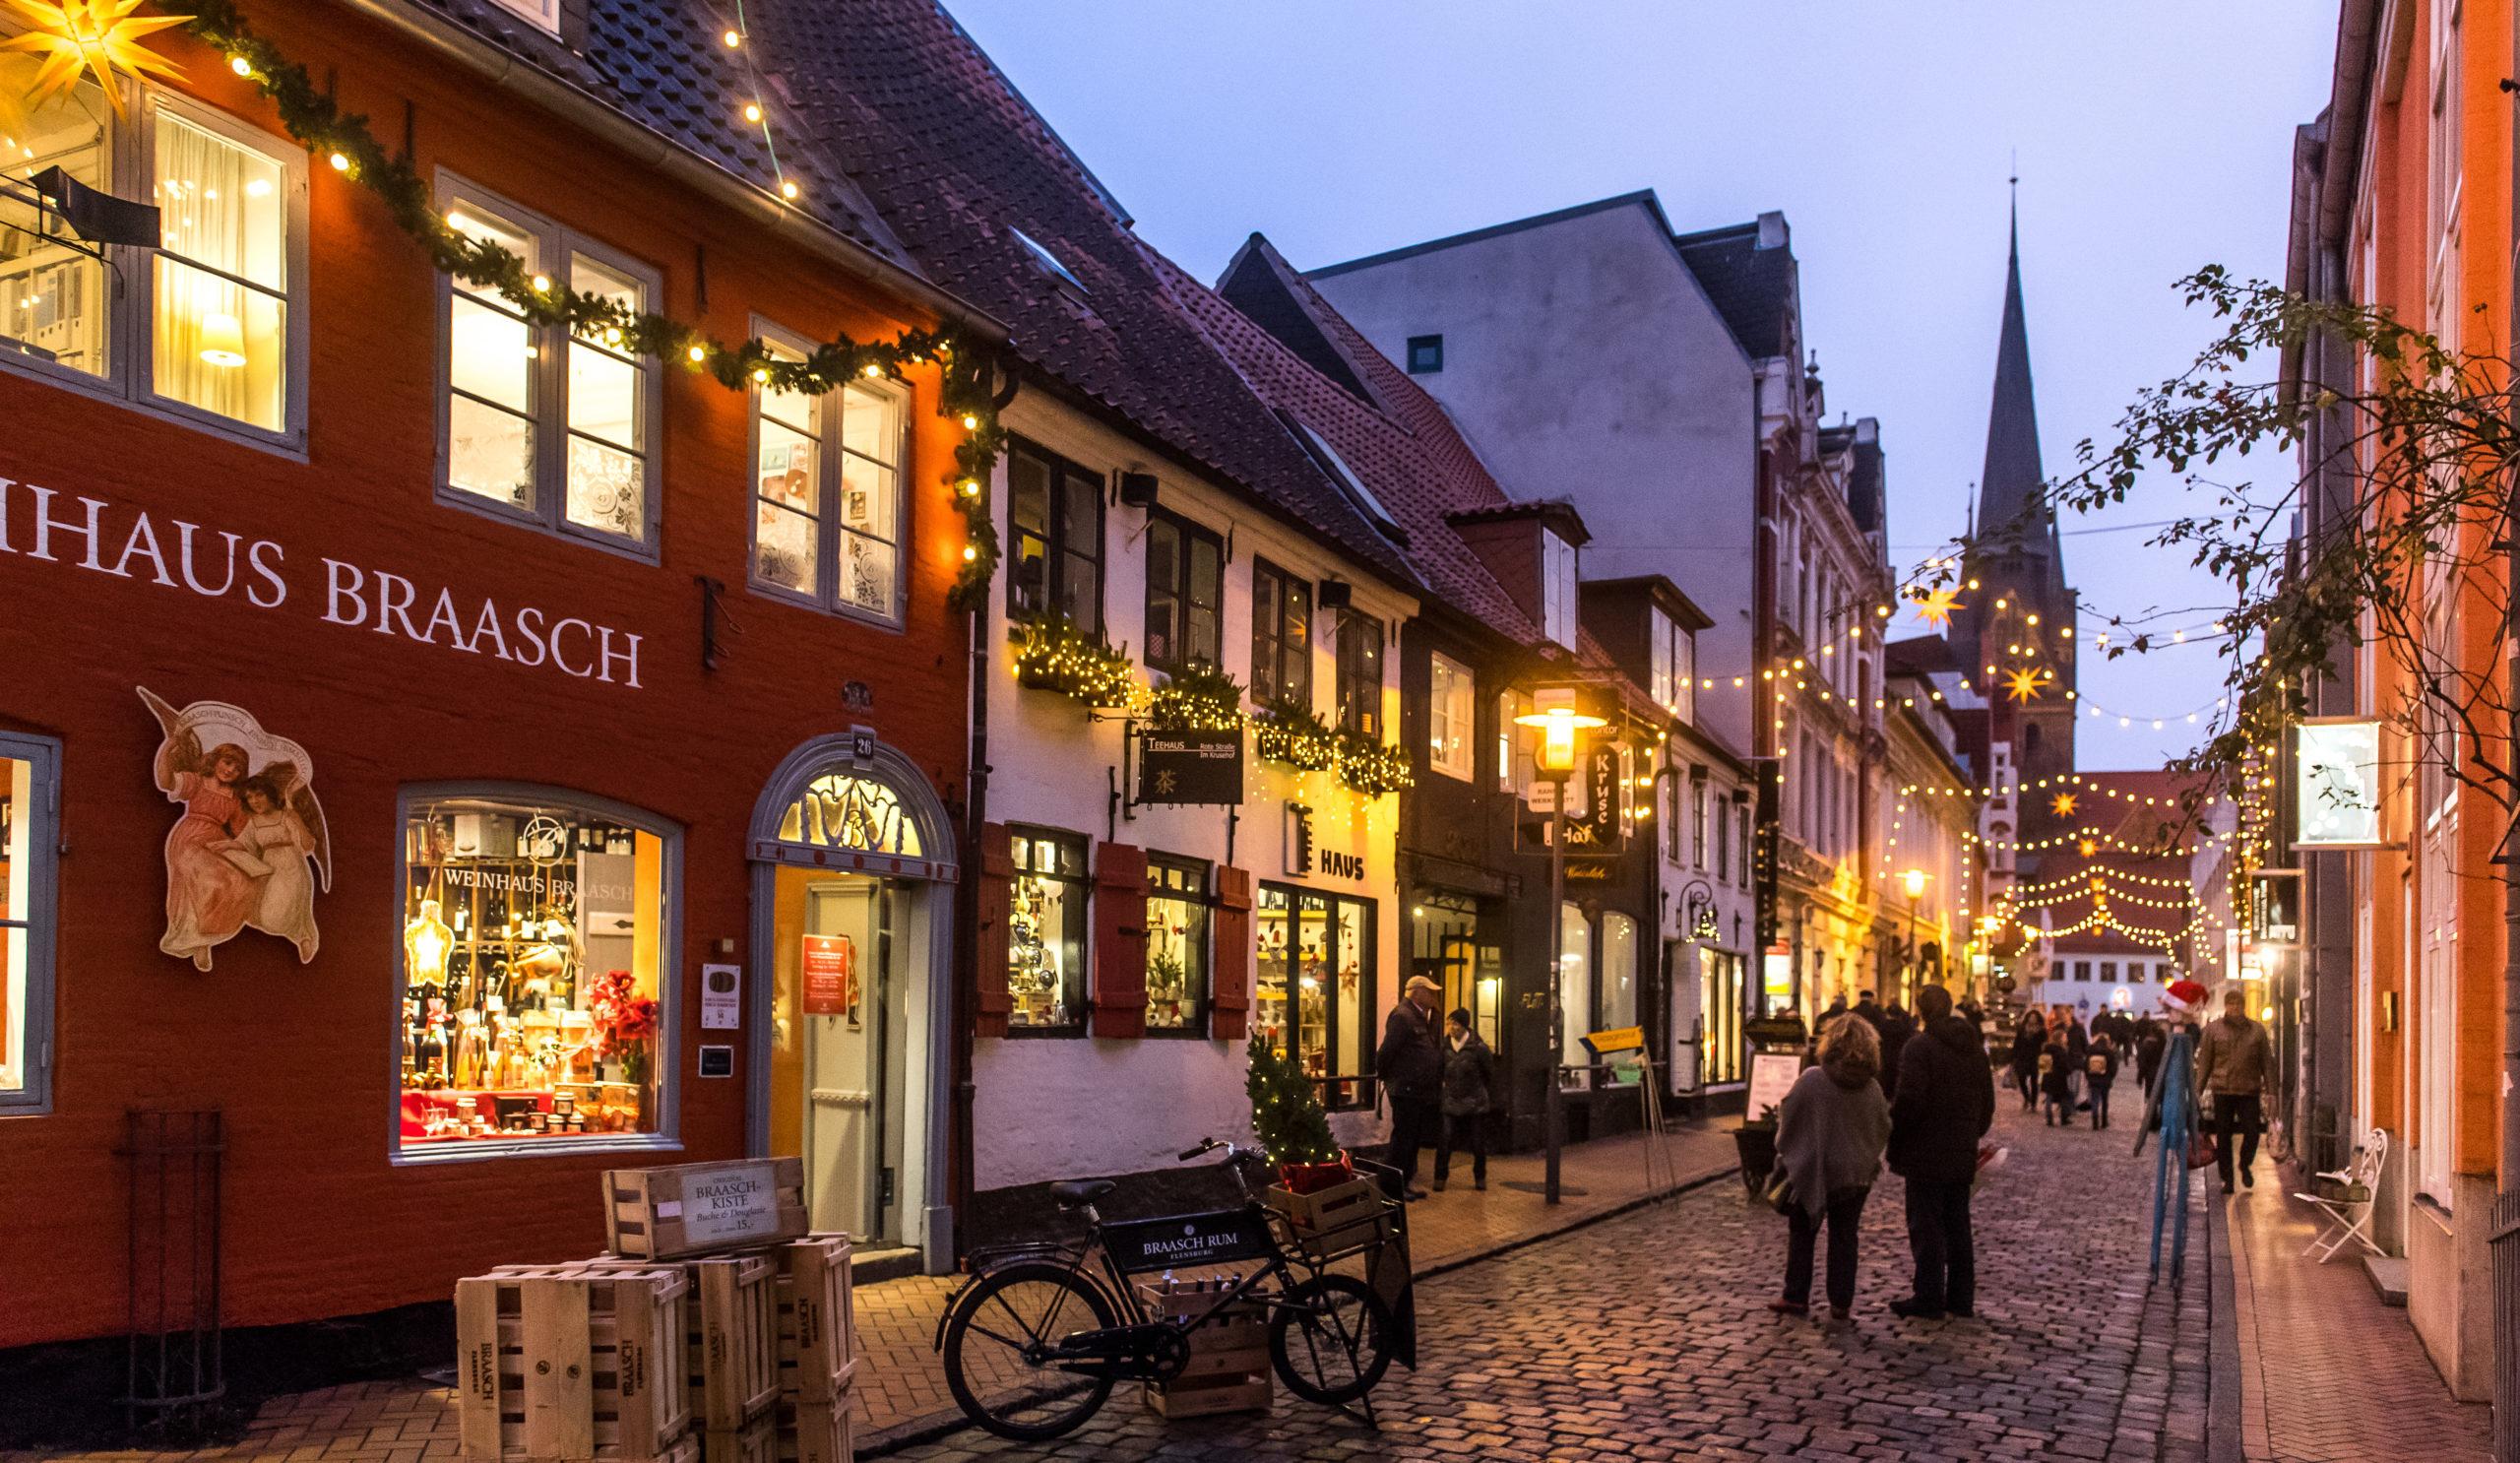 Die schönsten Weihnachtsmärkte in Schleswig-Holstein: Flensburg